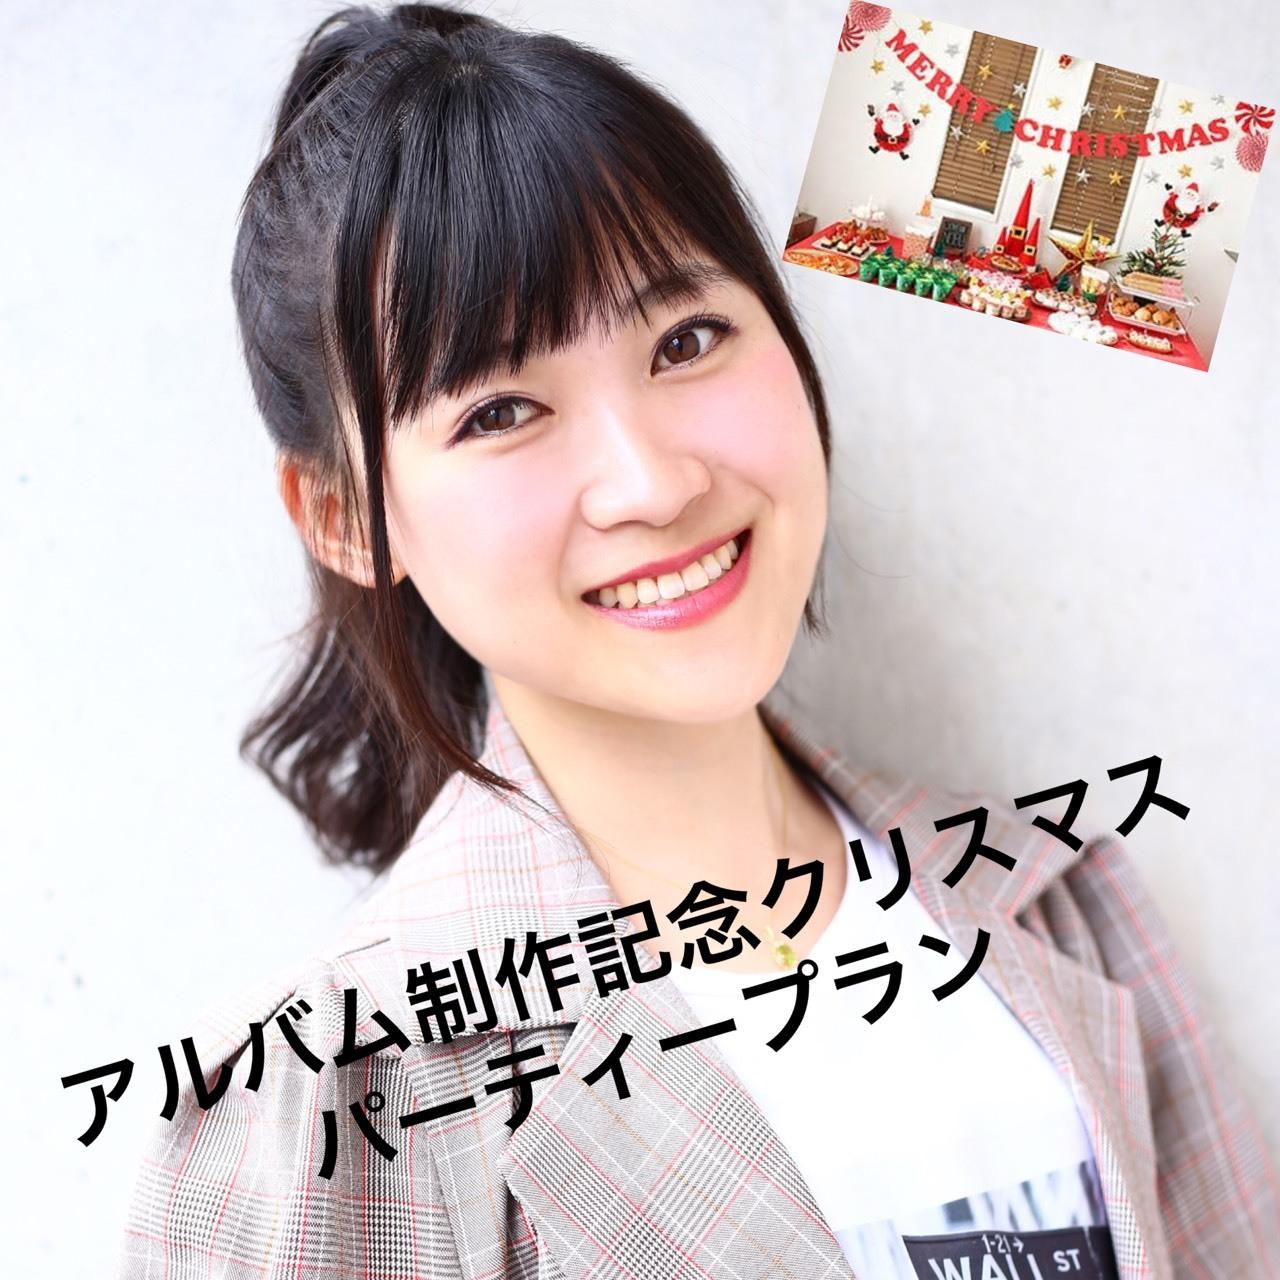 <アルバム制作記念クリスマスパーティプラン>限定5名